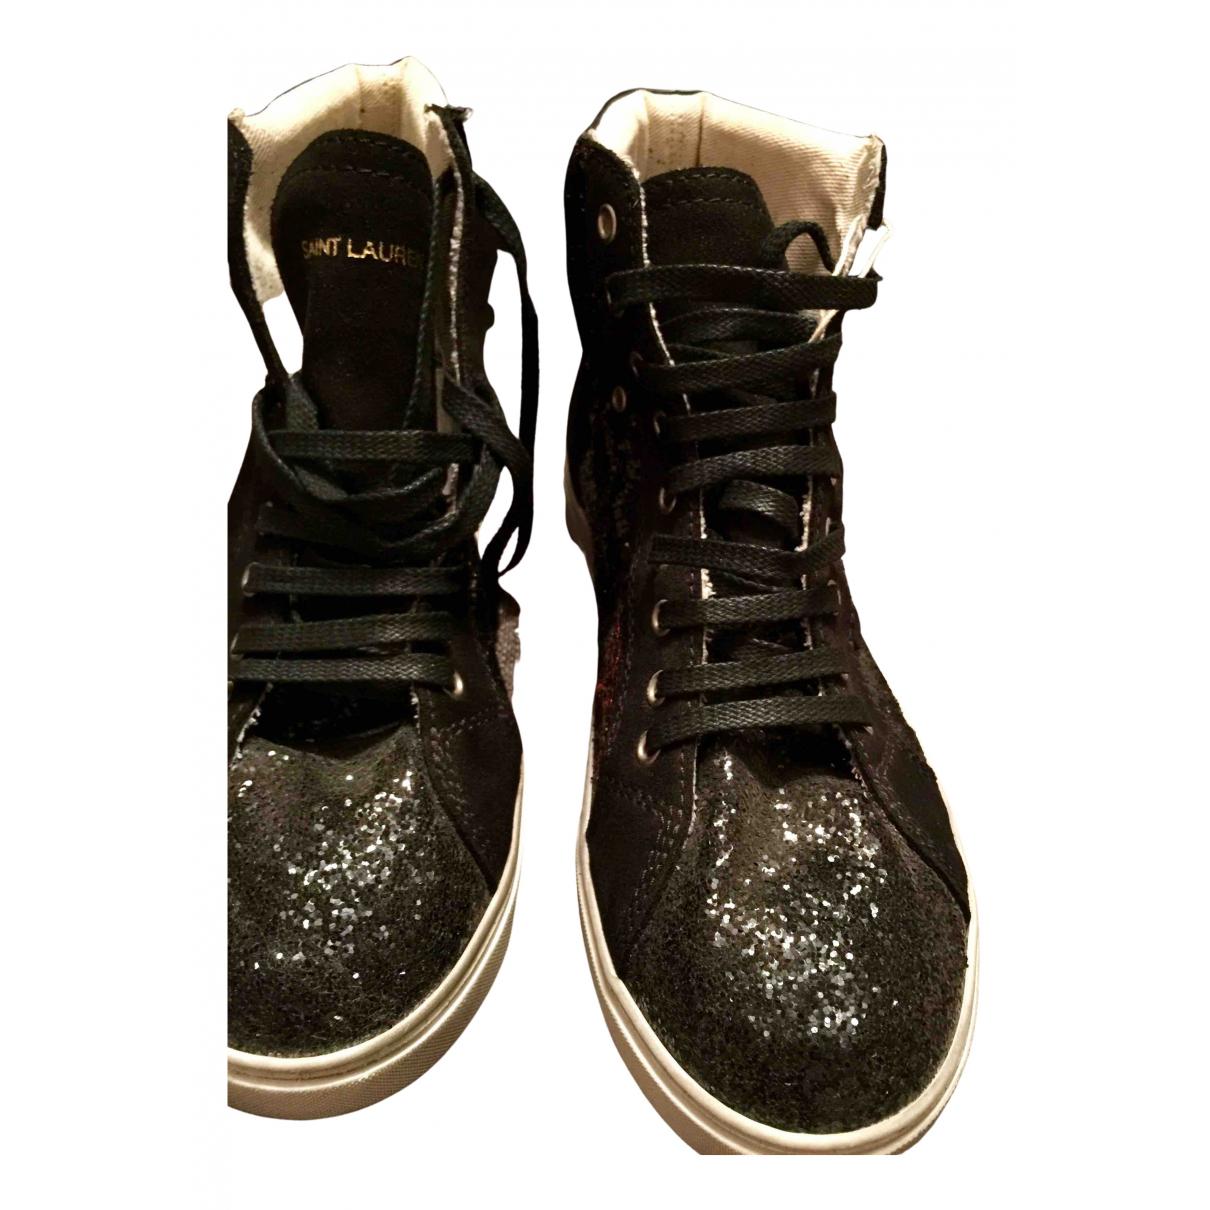 Saint Laurent \N Sneakers in  Schwarz Mit Pailletten